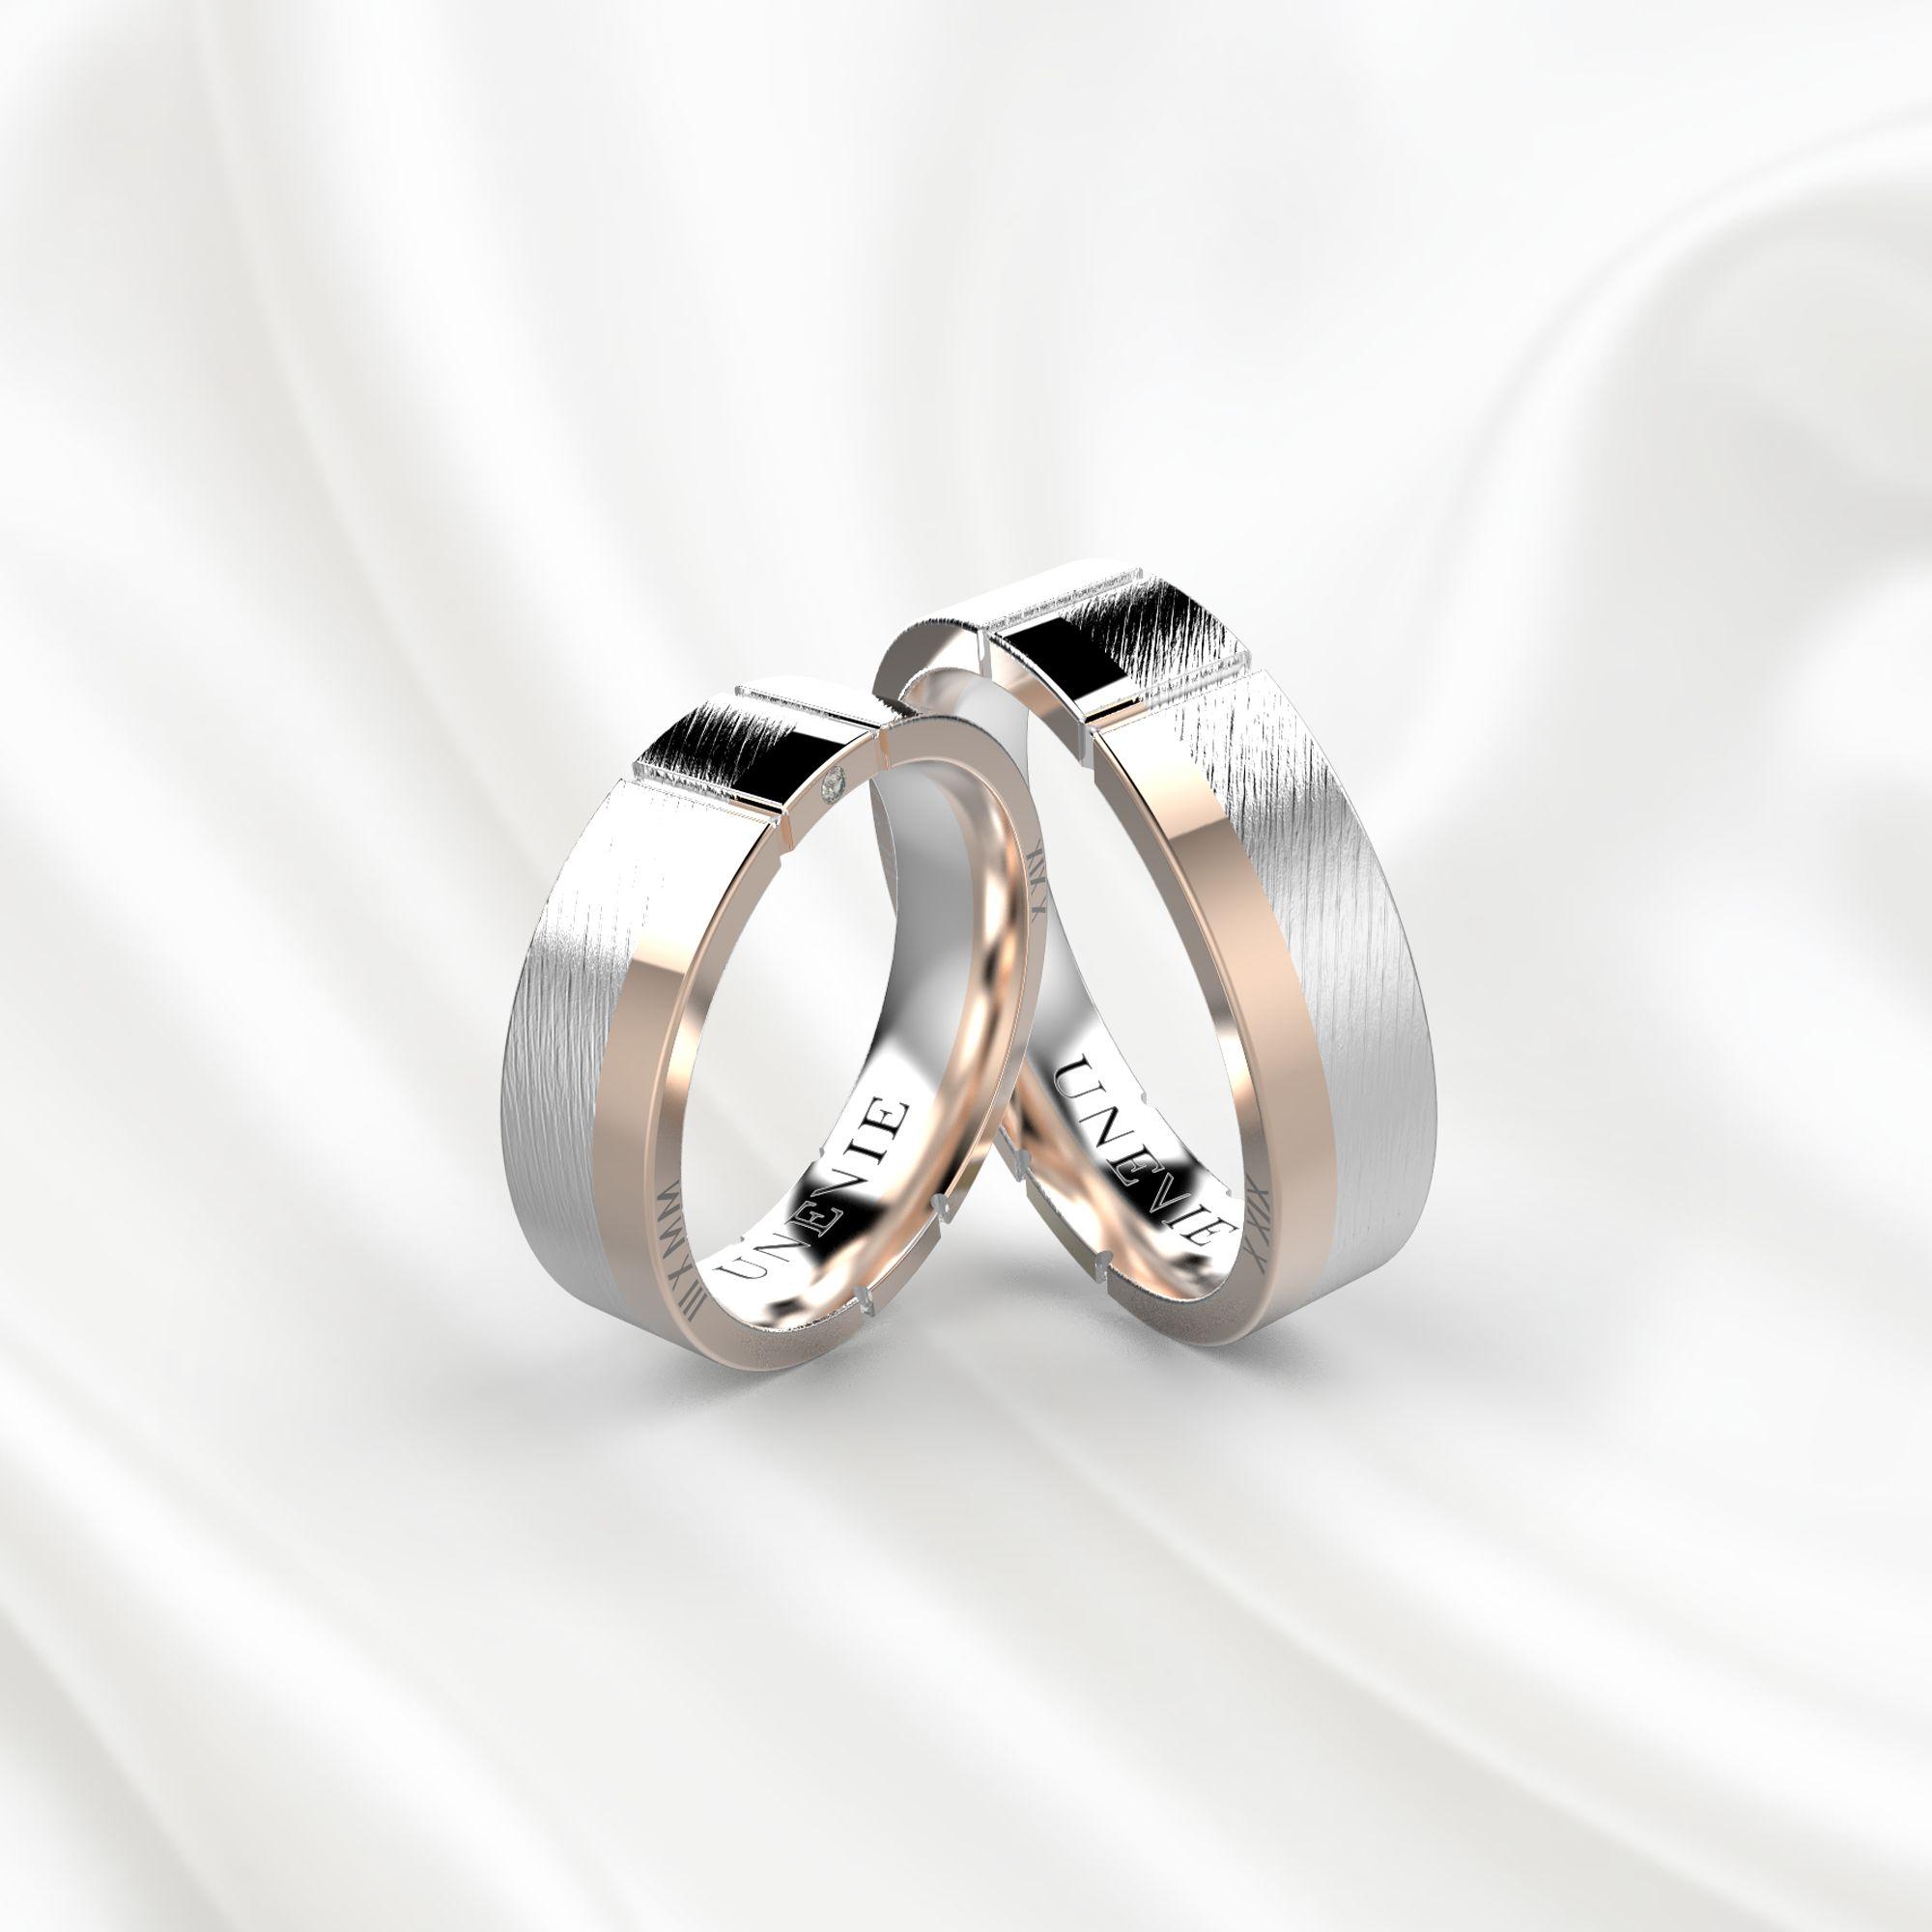 NV17 Обручальные кольца из бело-розового золота